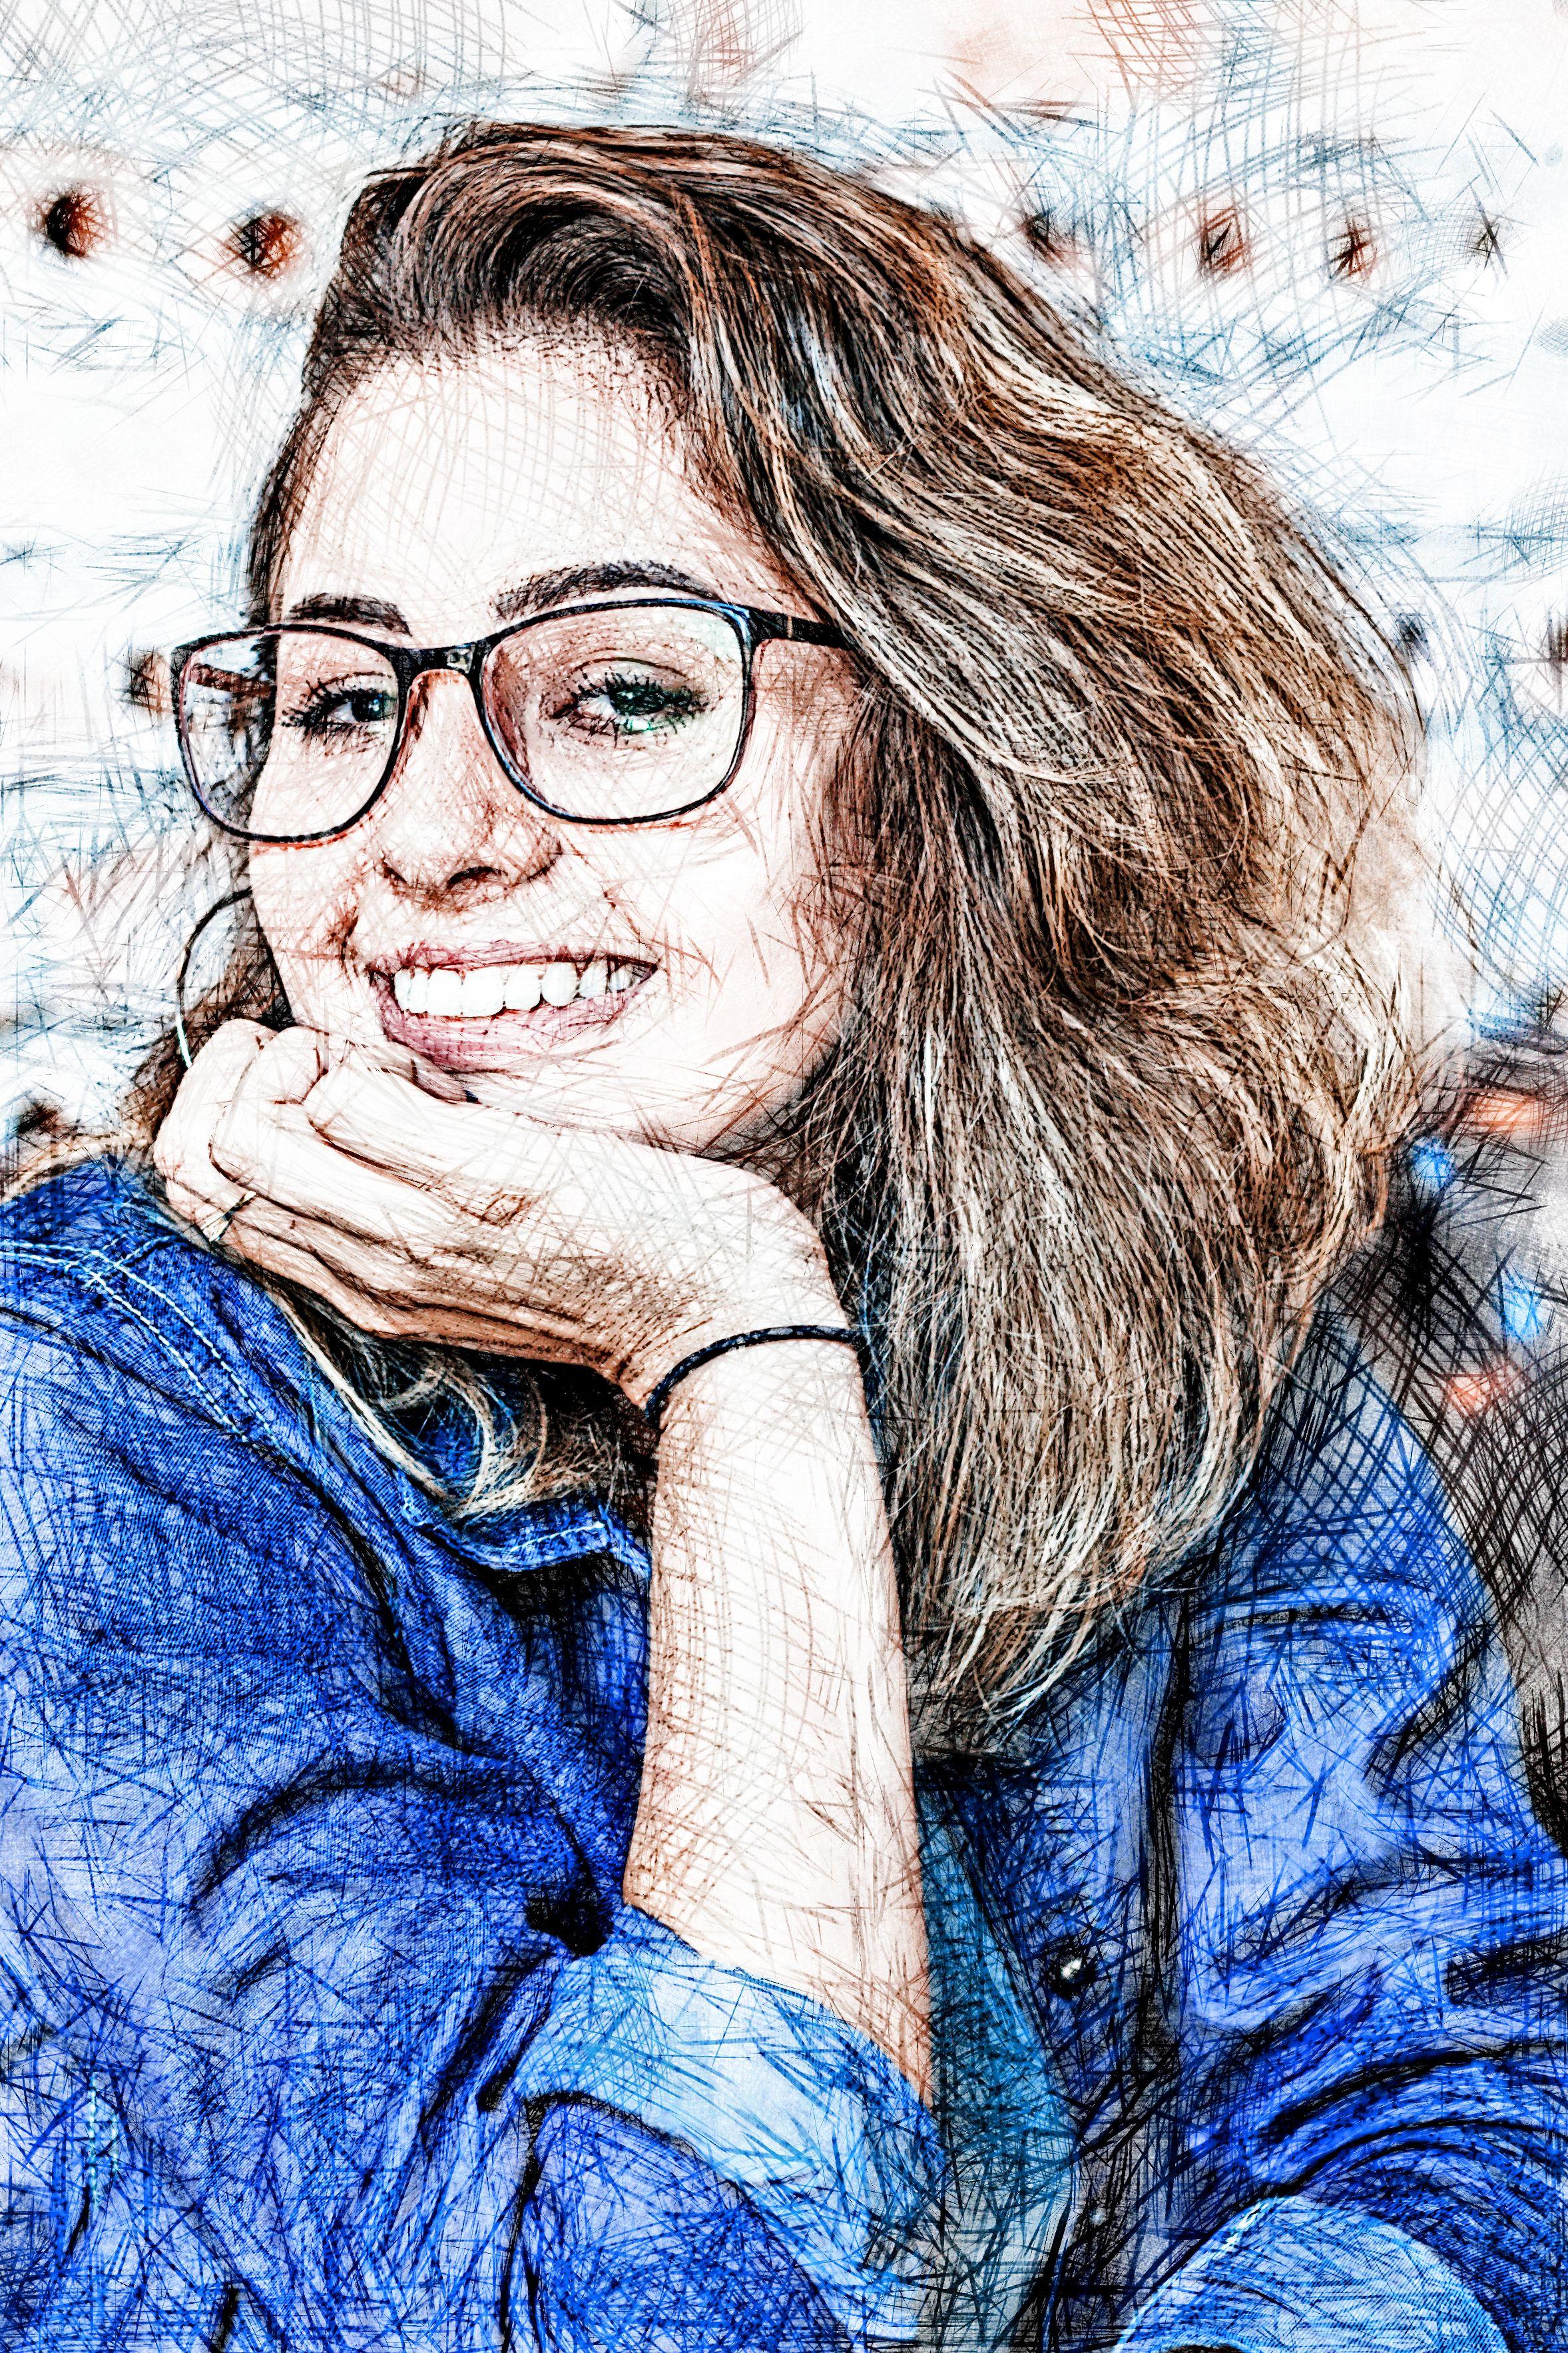 Pencil Sketch v1.0 Photoshop Action #Sketch, #Pencil, #